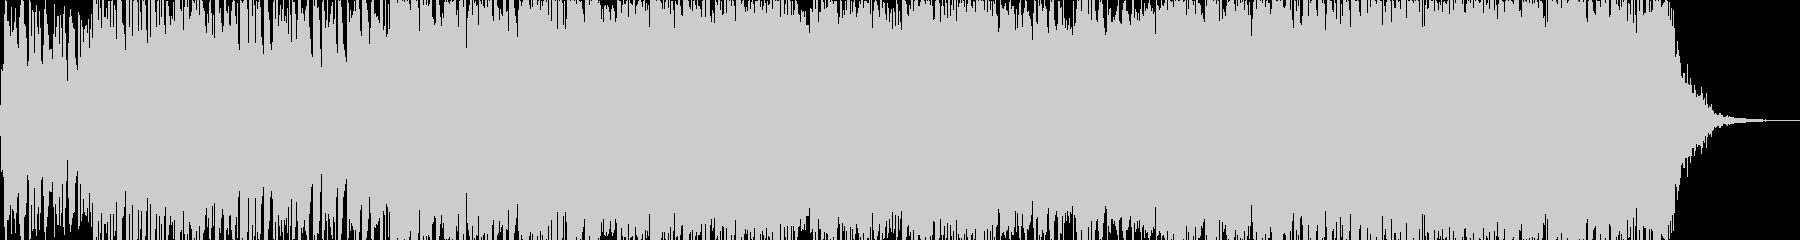 ダークファンタジーオーケストラ戦闘曲72の未再生の波形